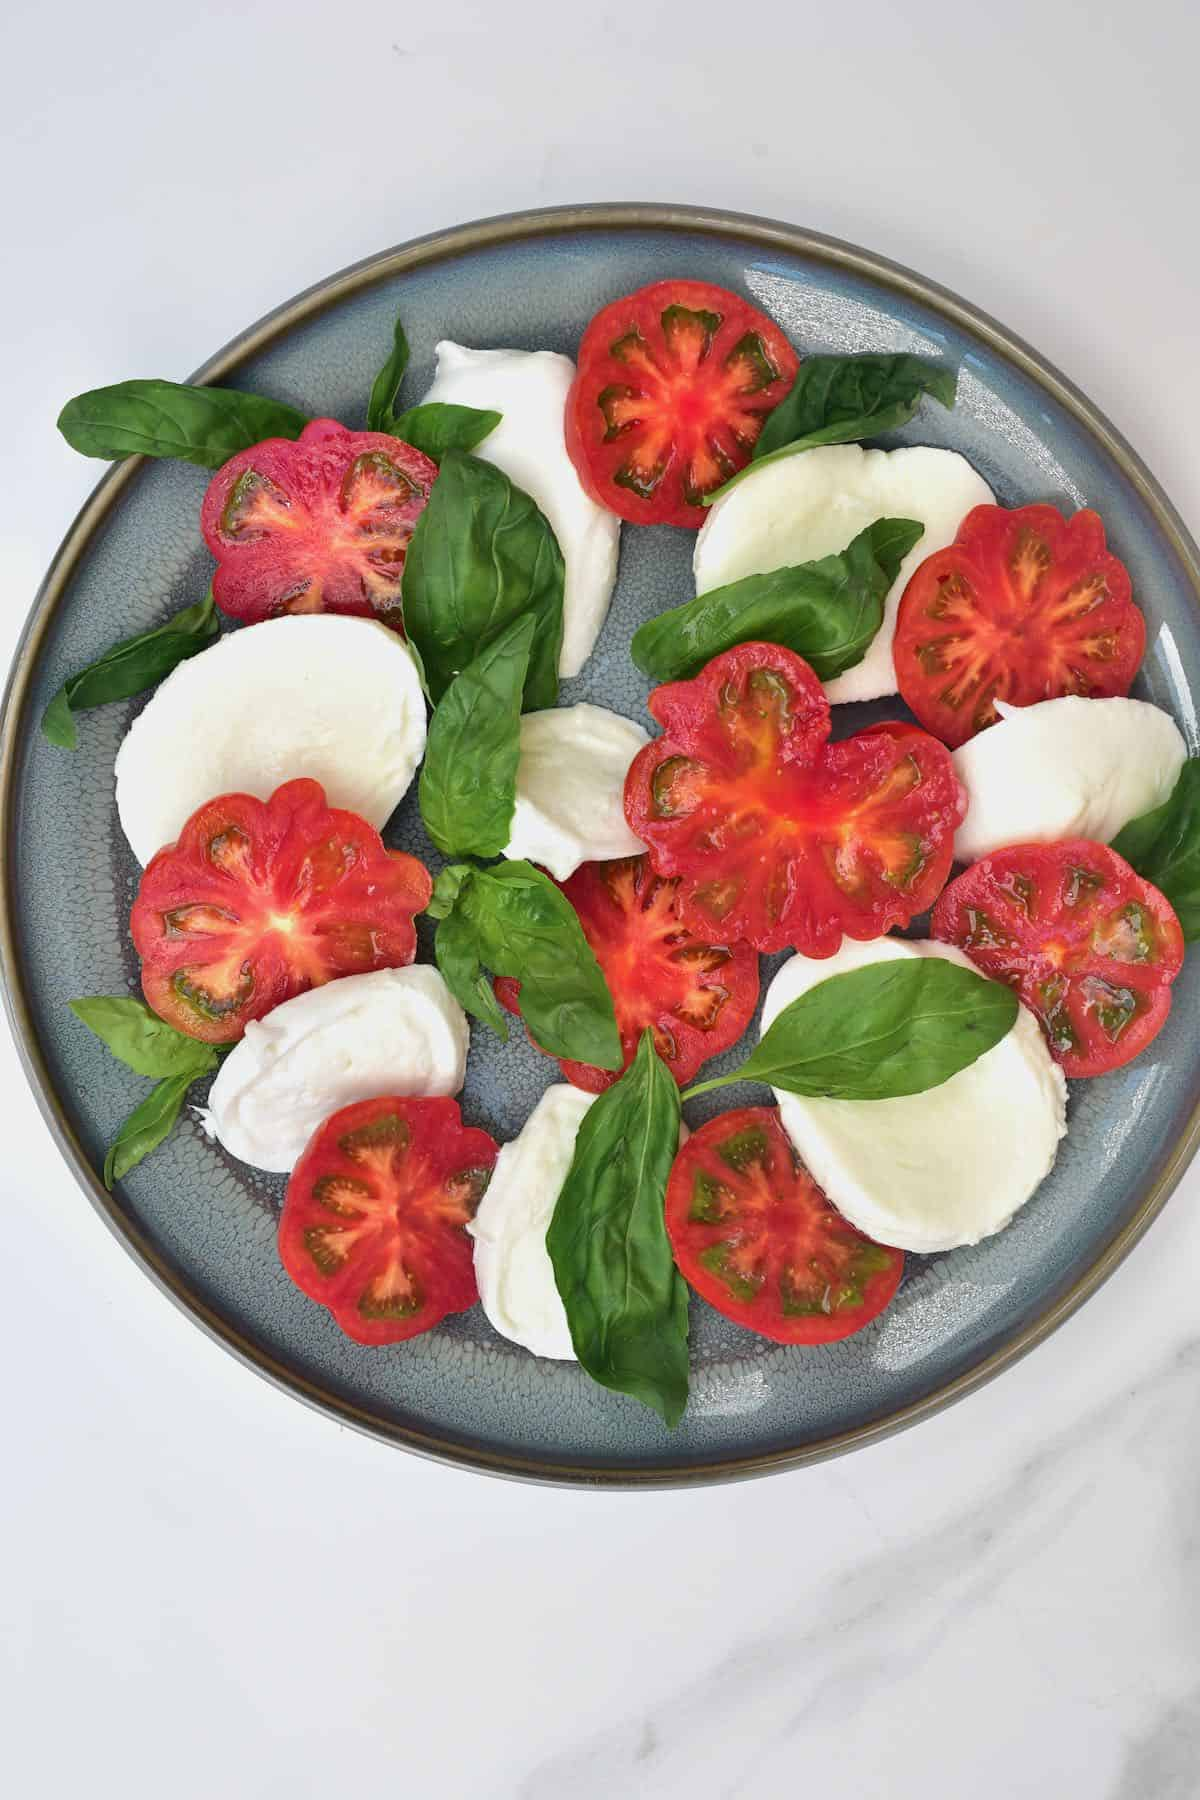 Making a caprese salad